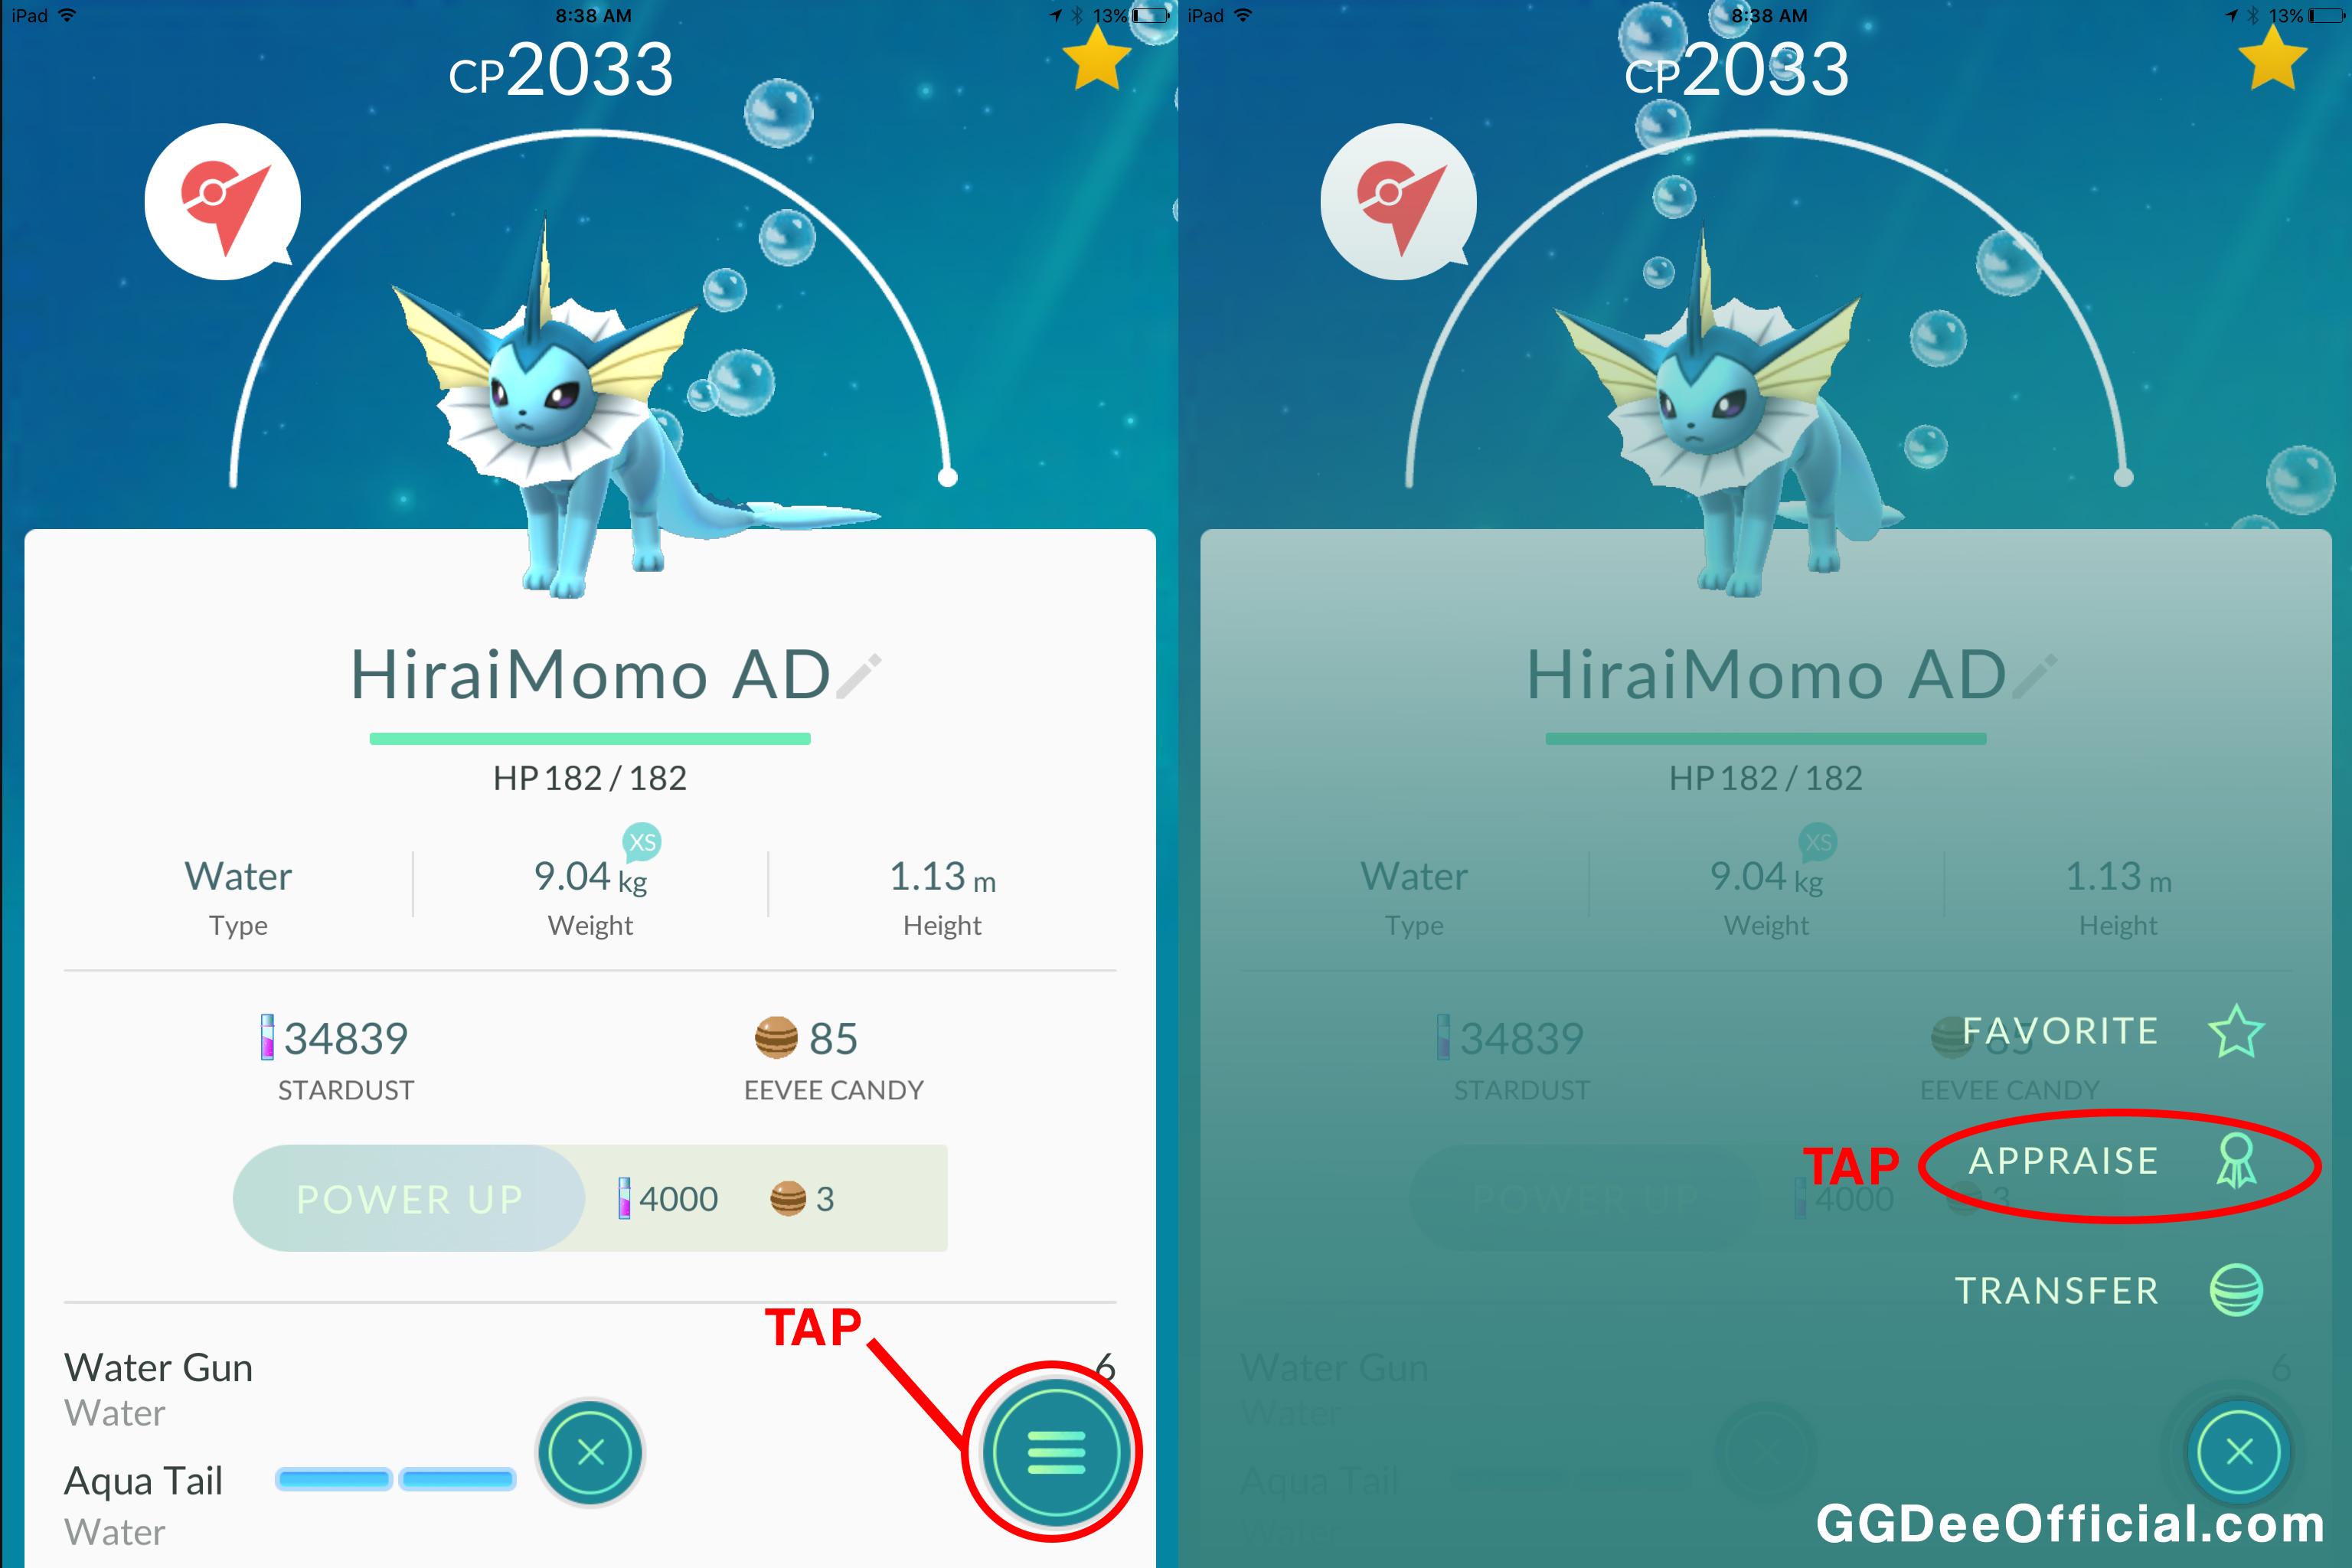 Pokémon GO Appraisal guide - ggdeeofficial.com